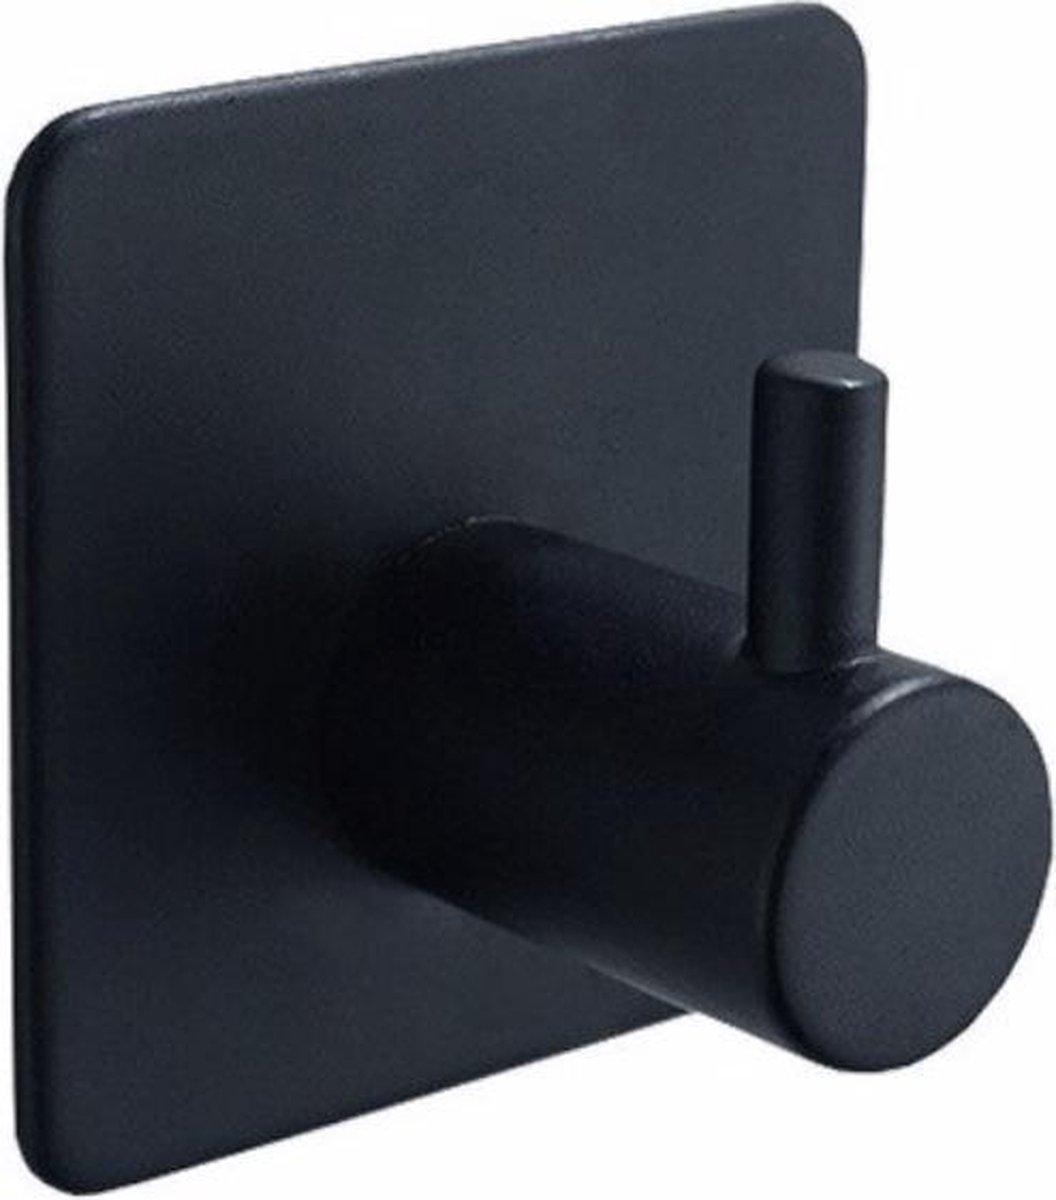 WiseGoods - Handdoekhaakjes - Zelfklevend - Hanger voor Badkamer - Muur haakjes - Hanger voor Keuken -Zwart - 2 stuks